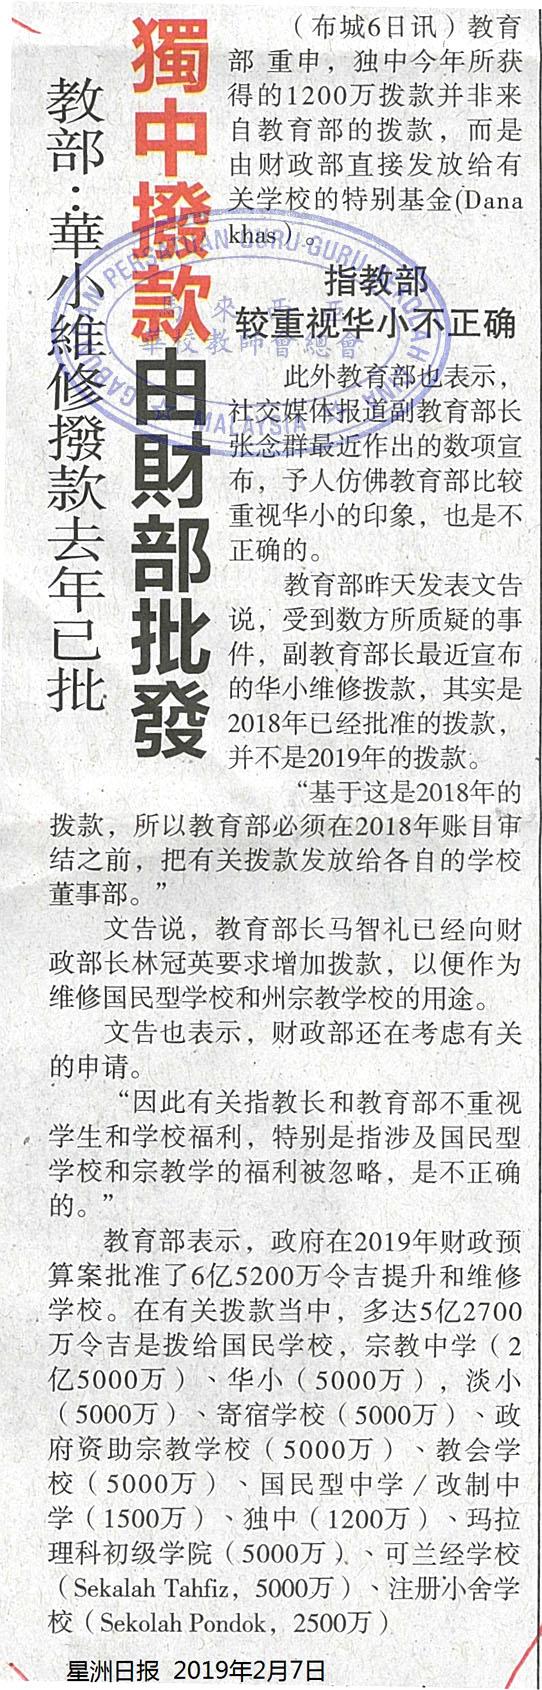 教部:华小维修拨款去年已批 独中拨款由财部批发